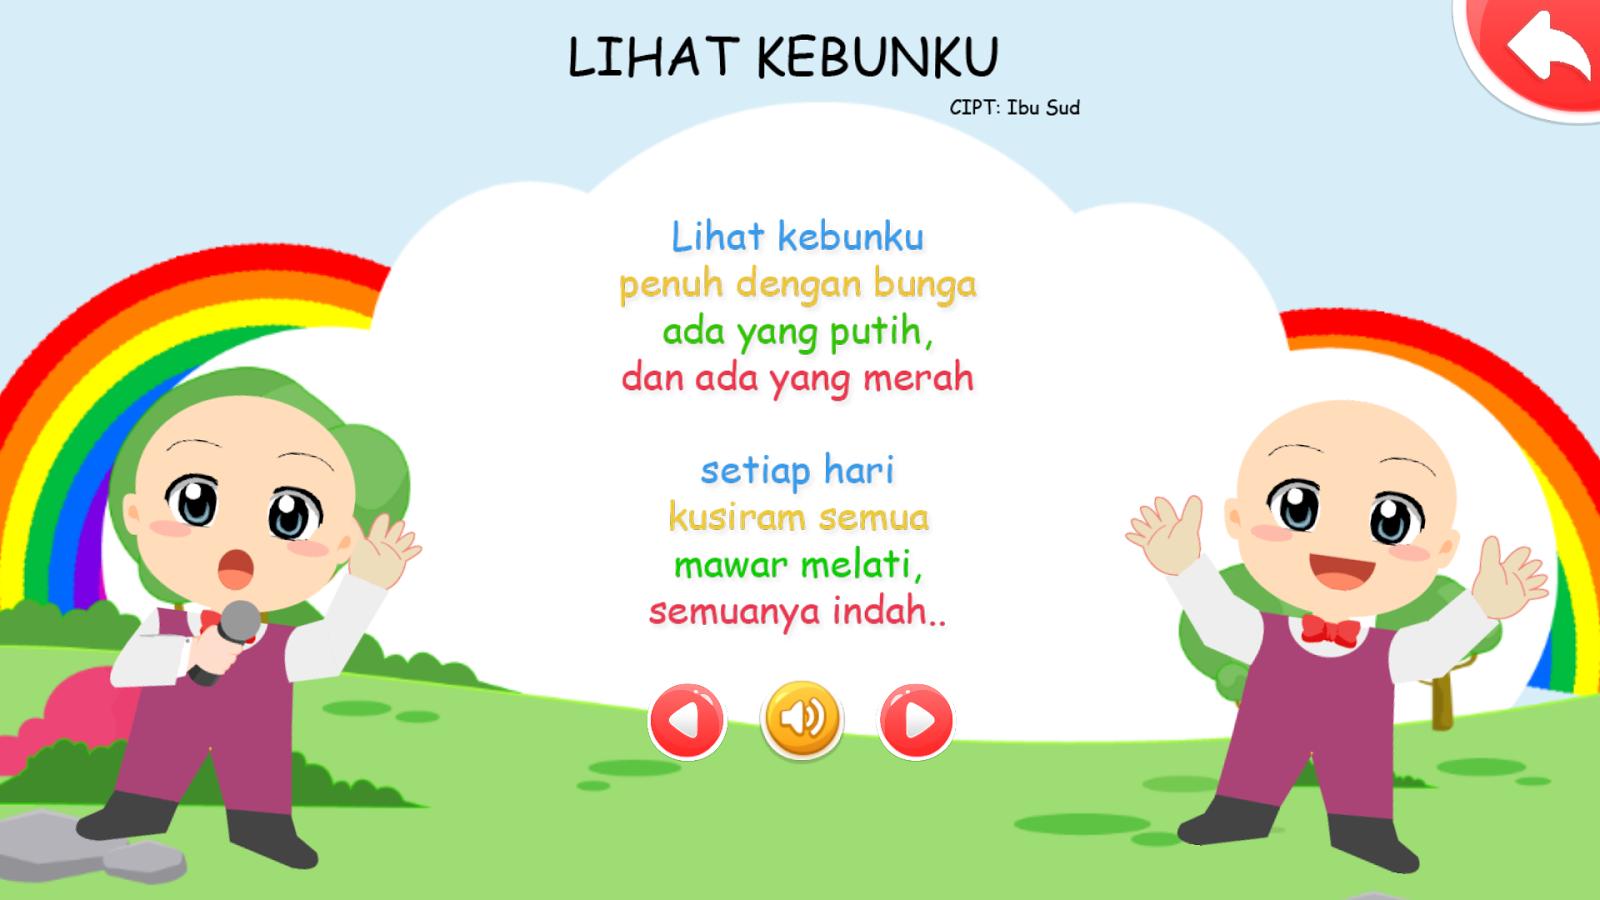 Menyanyi Lagu Anak Bersama Apl Android Di Google Play